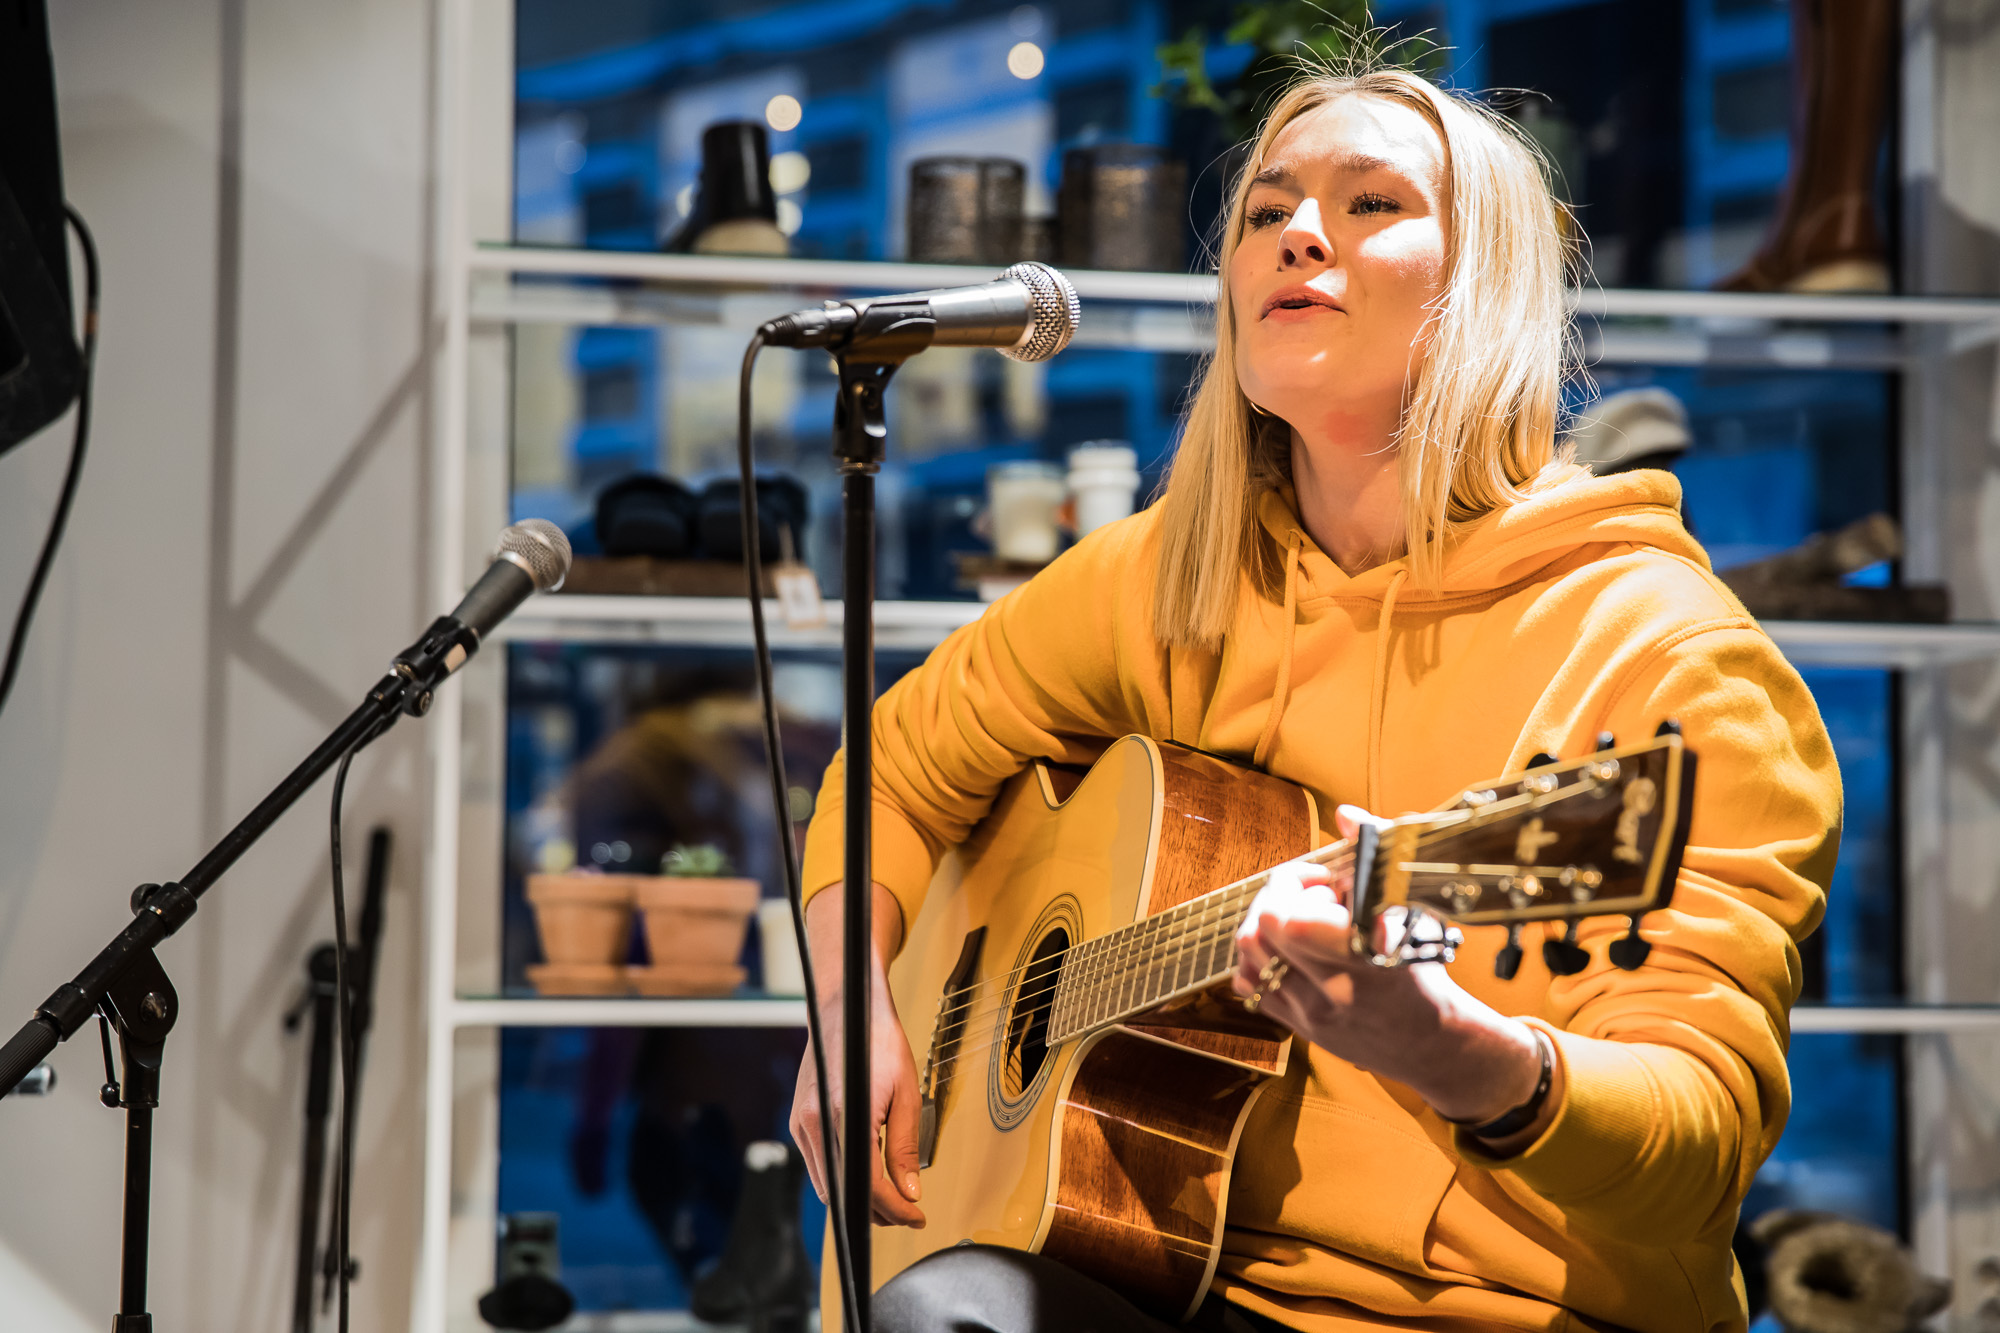 Caroline Høier @ Shoebar